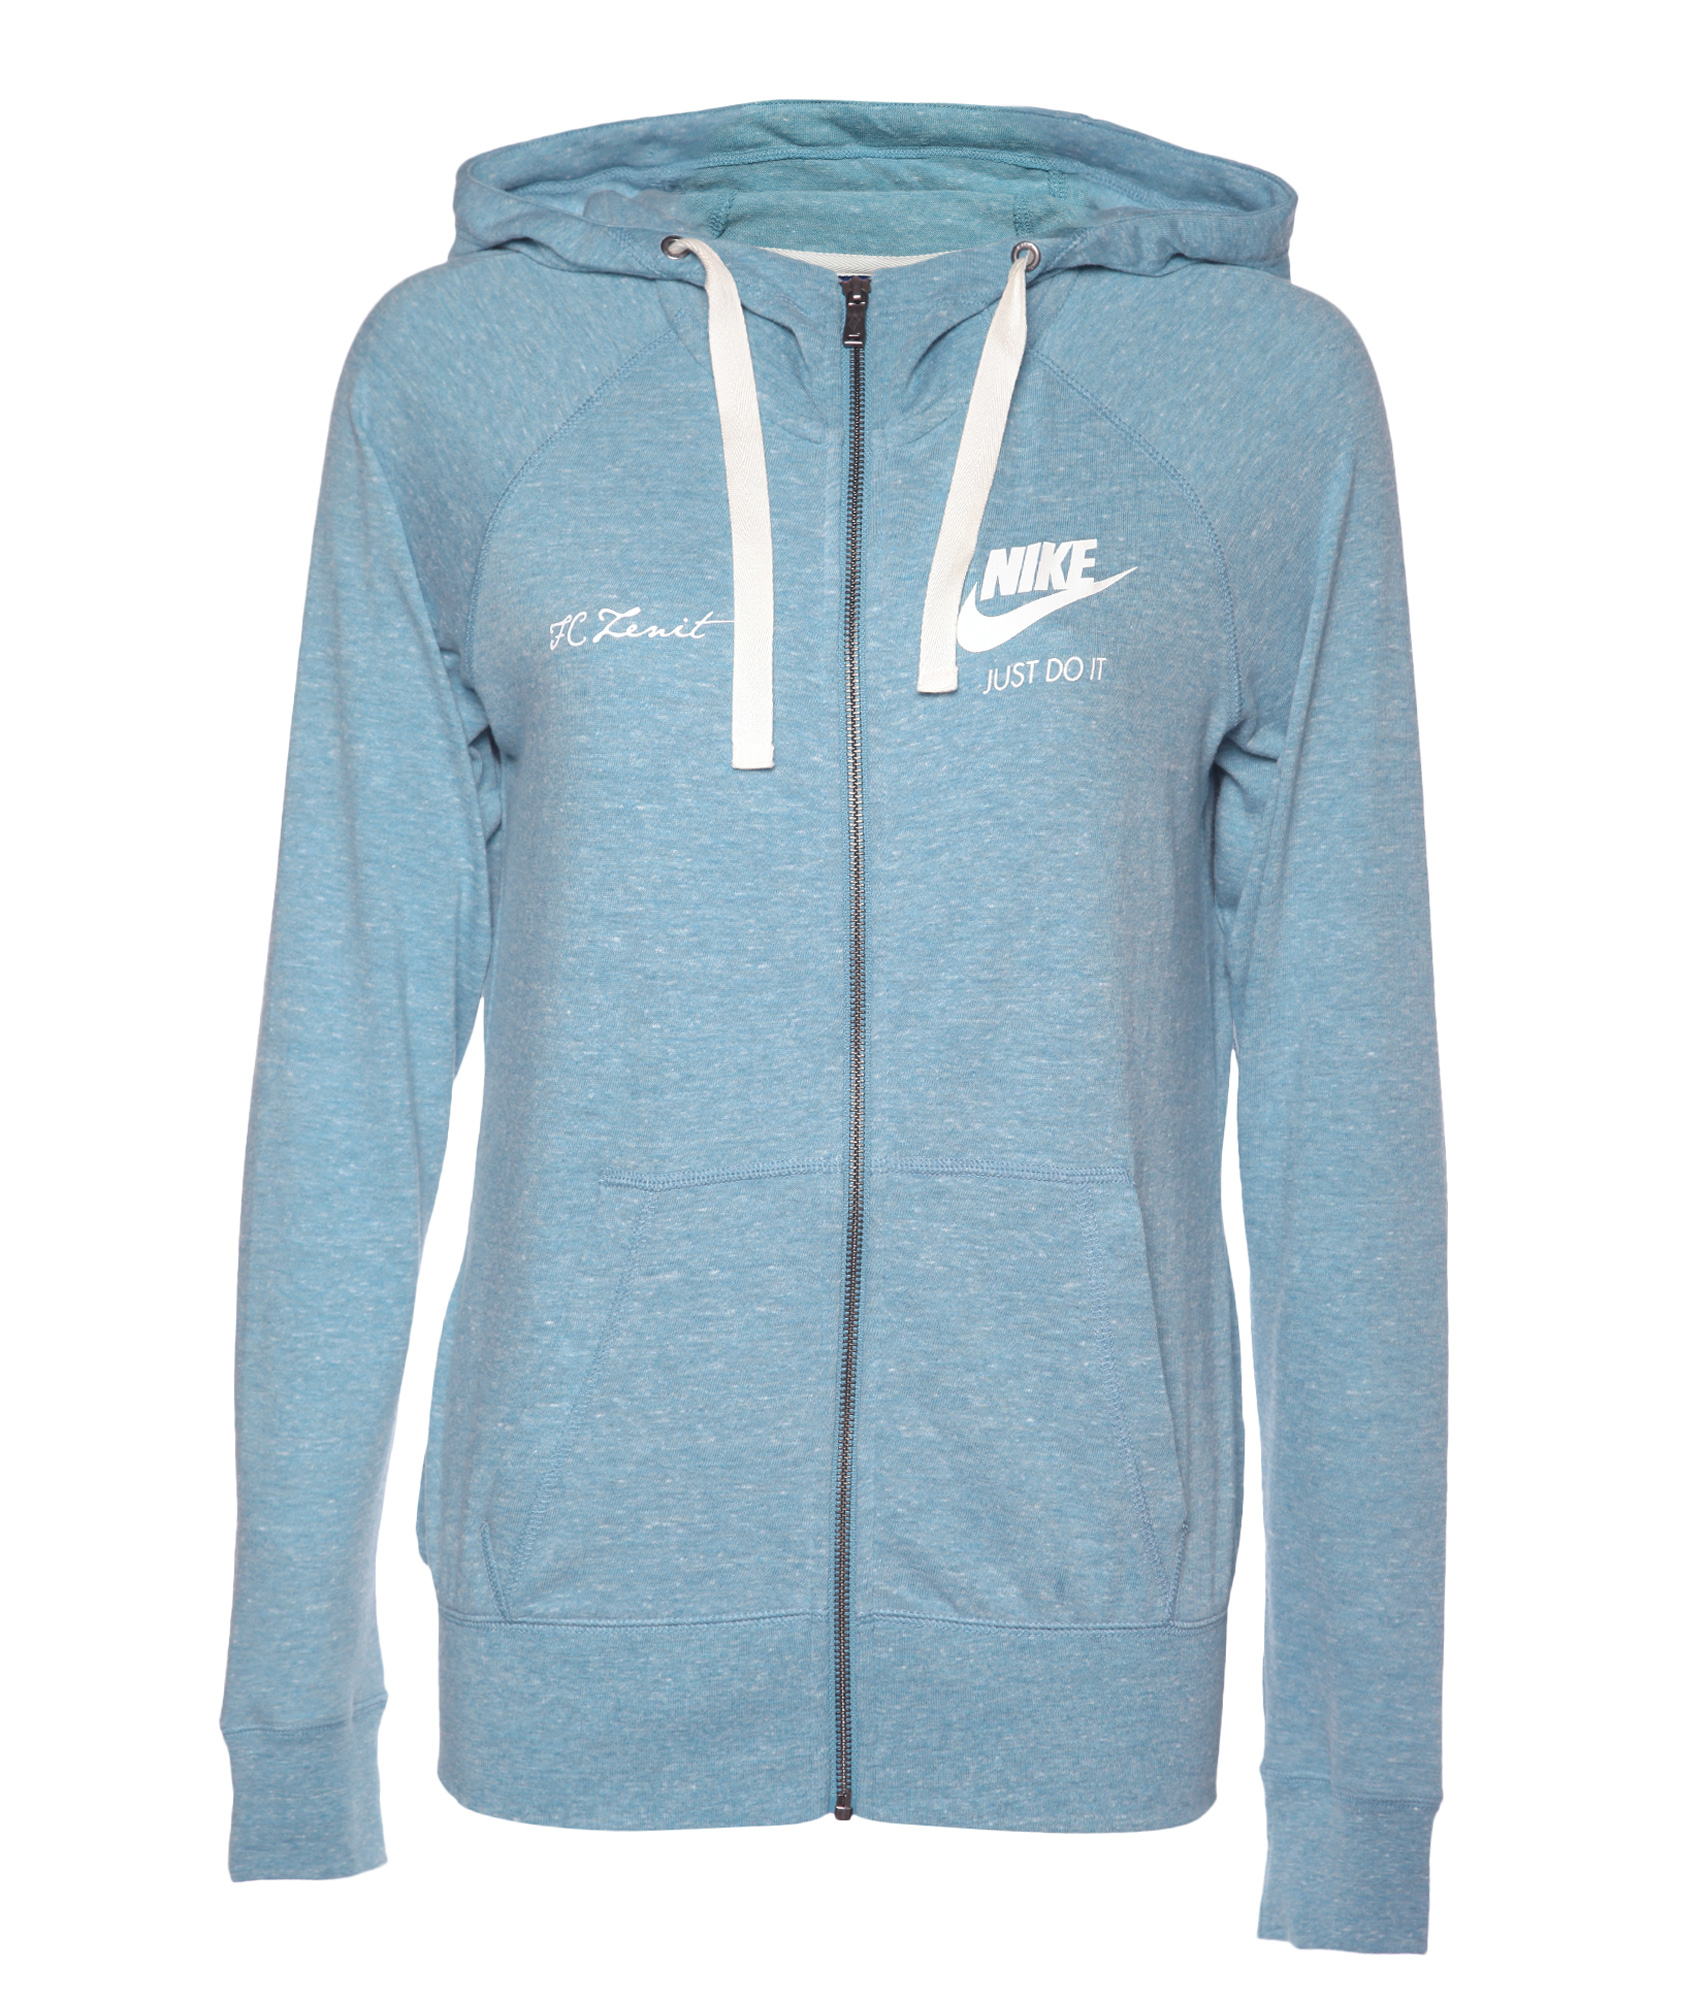 Толстовка женская Nike, Цвет-Голубой, Размер-S поло nike цвет голубой размер m